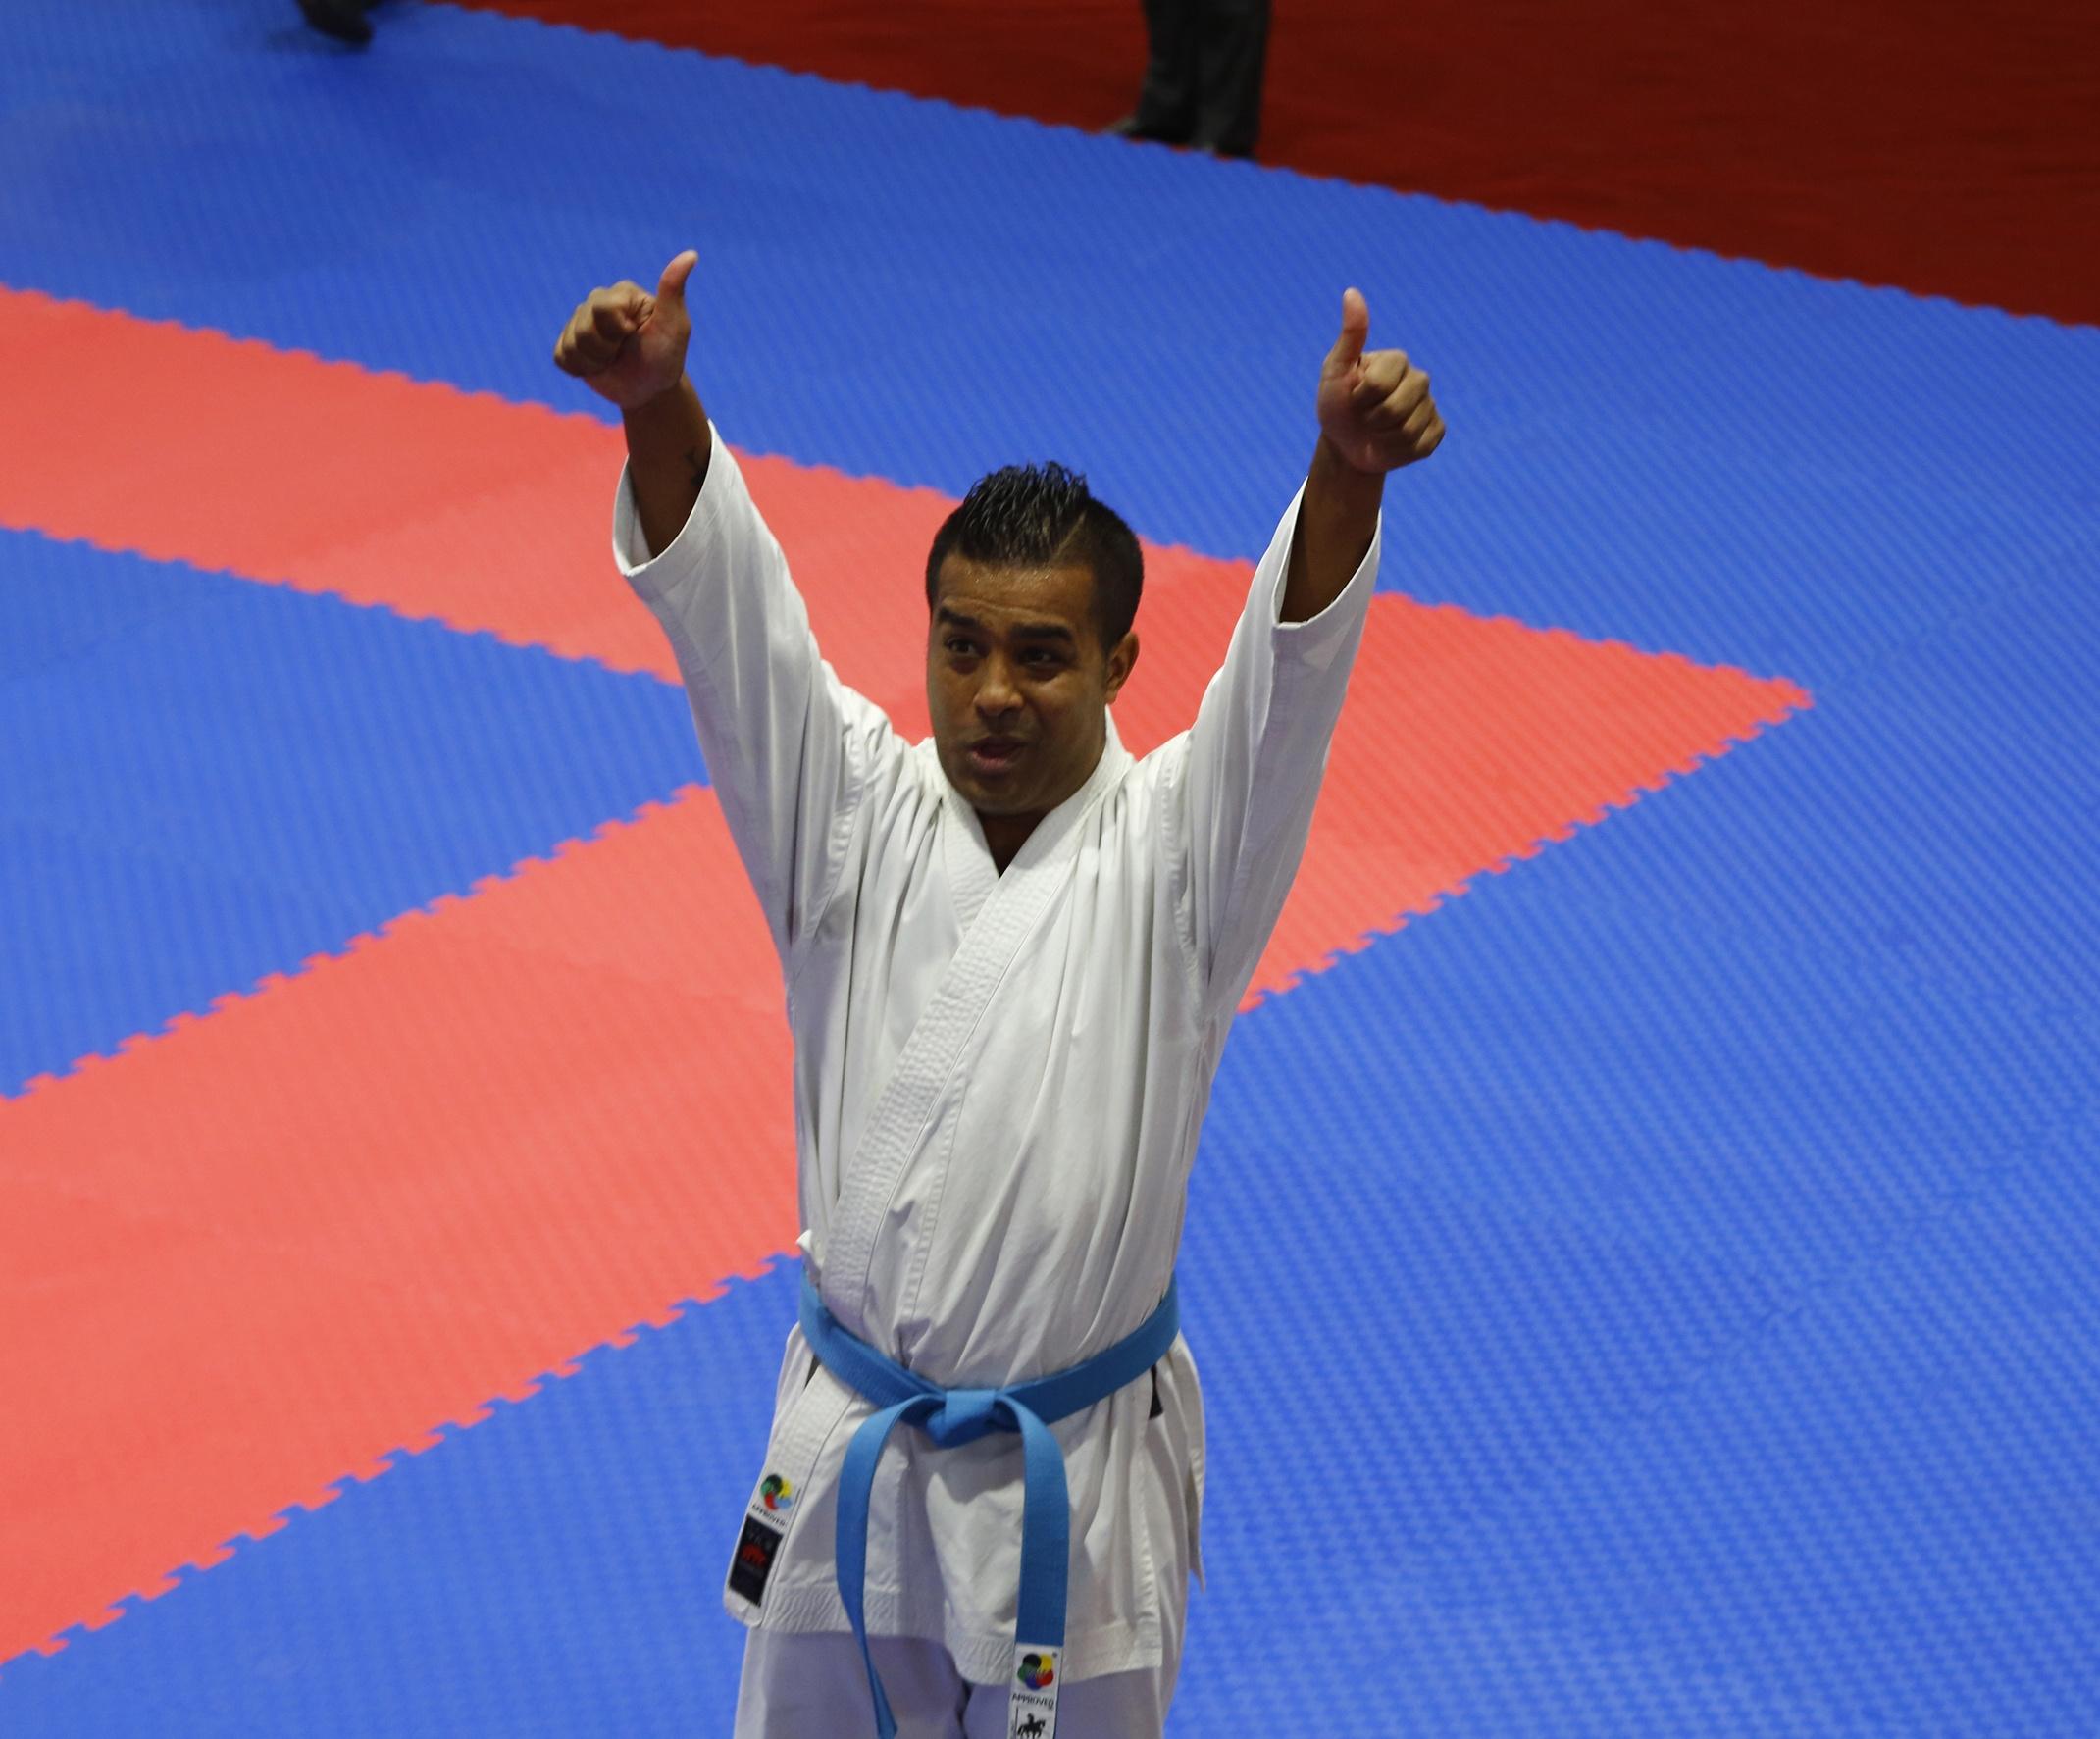 तेह्रौँ साग : नेपाललाई पहिलो स्वर्ण पदक